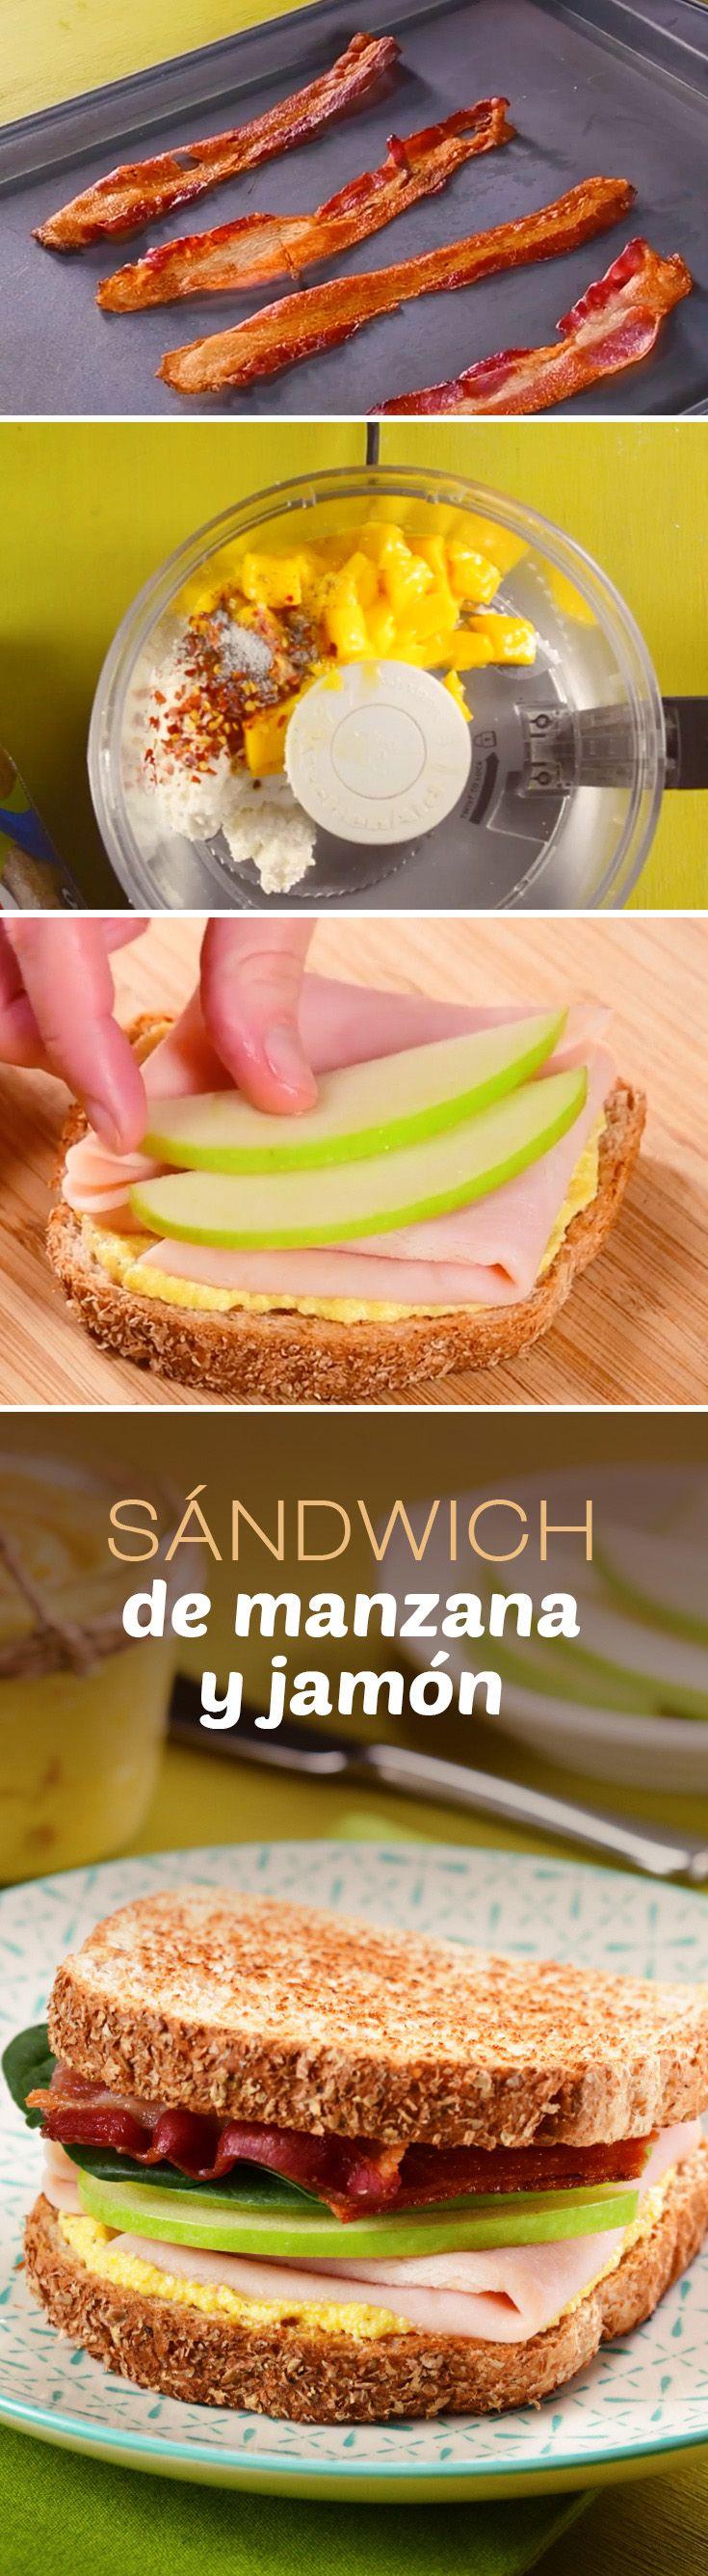 Sándwich saludable con Pan Bimbo®, jamón y manzana verde. Te sorprenderá la combinación de sabores a la hora del lunch.